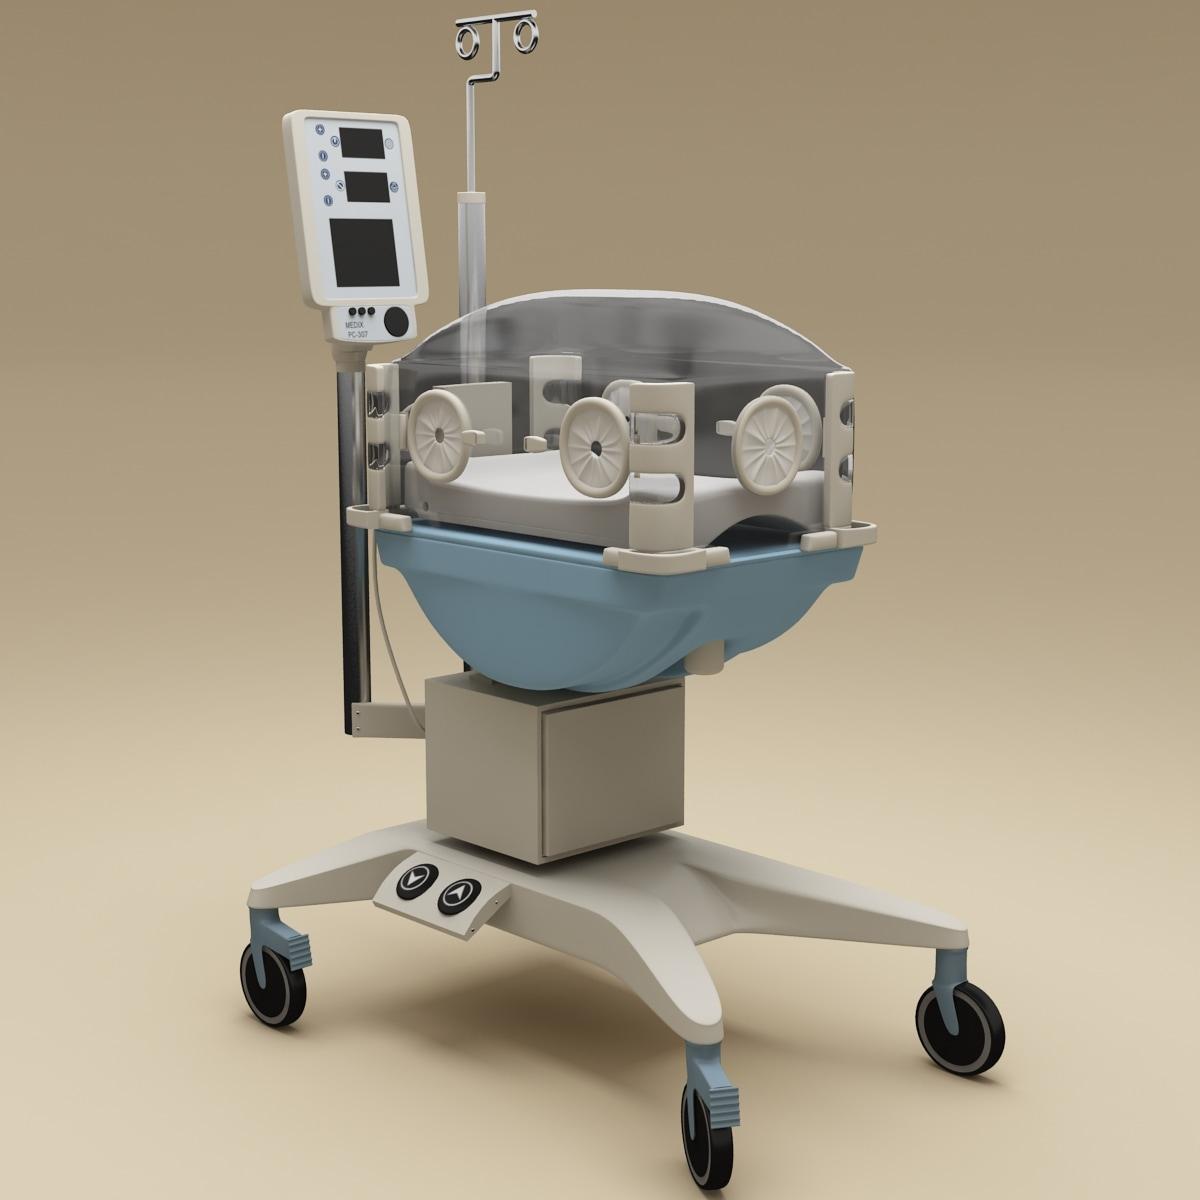 3d model of infant incubator pc 307